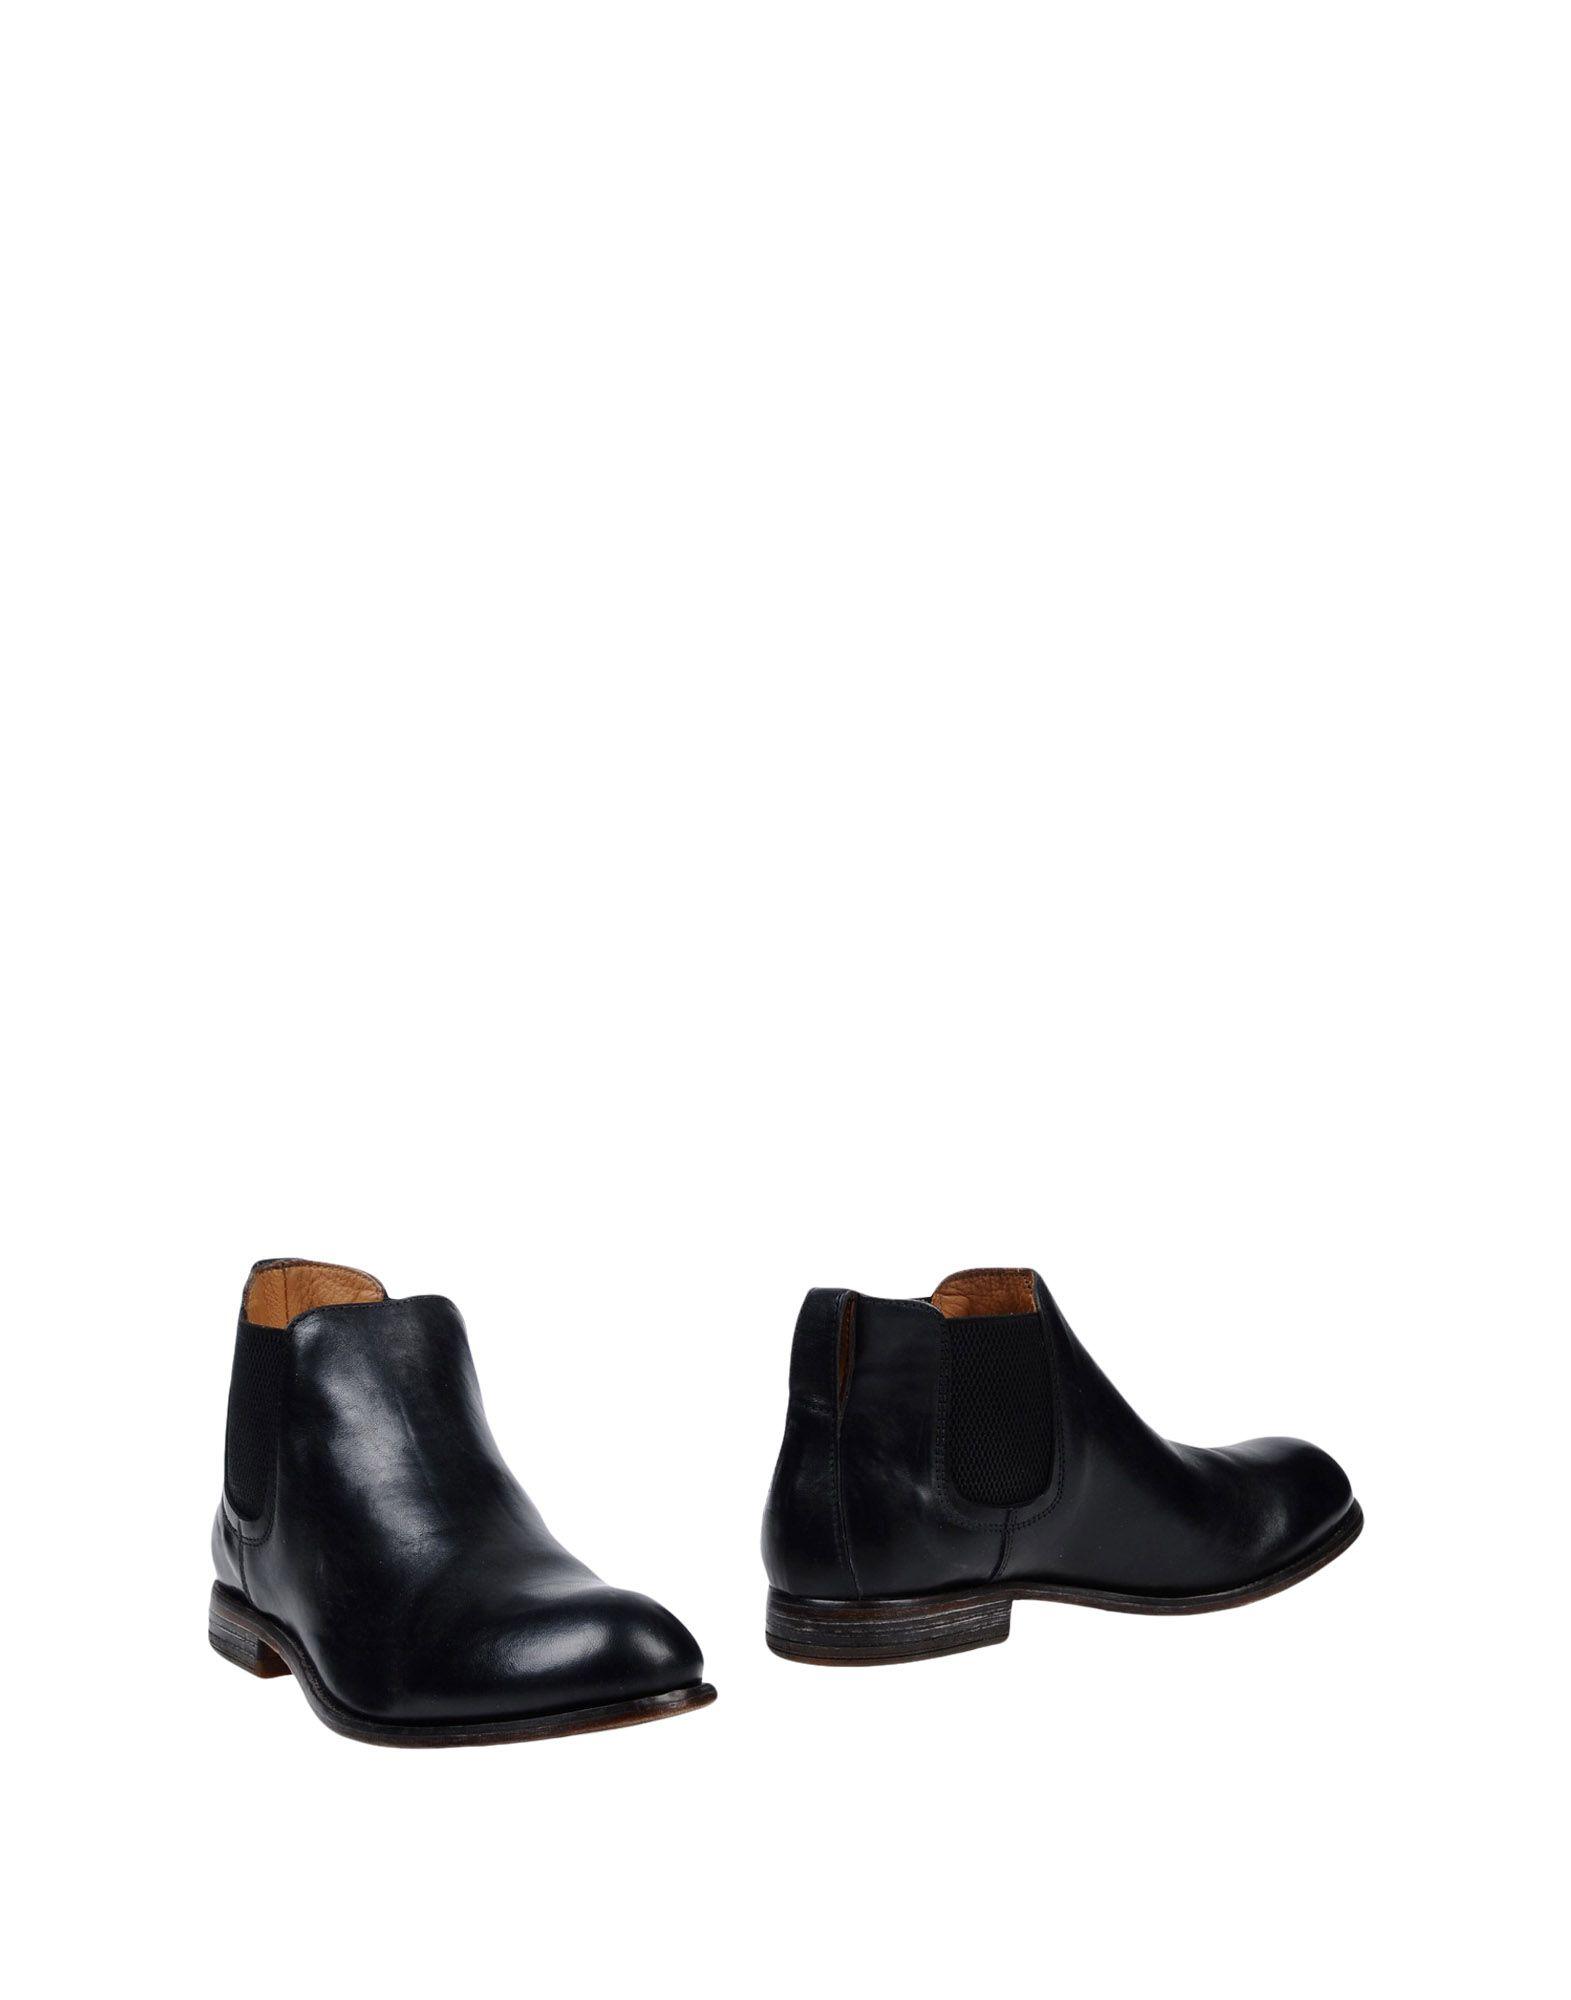 Moma Stiefelette Herren  11412841HX Gute Qualität beliebte Schuhe